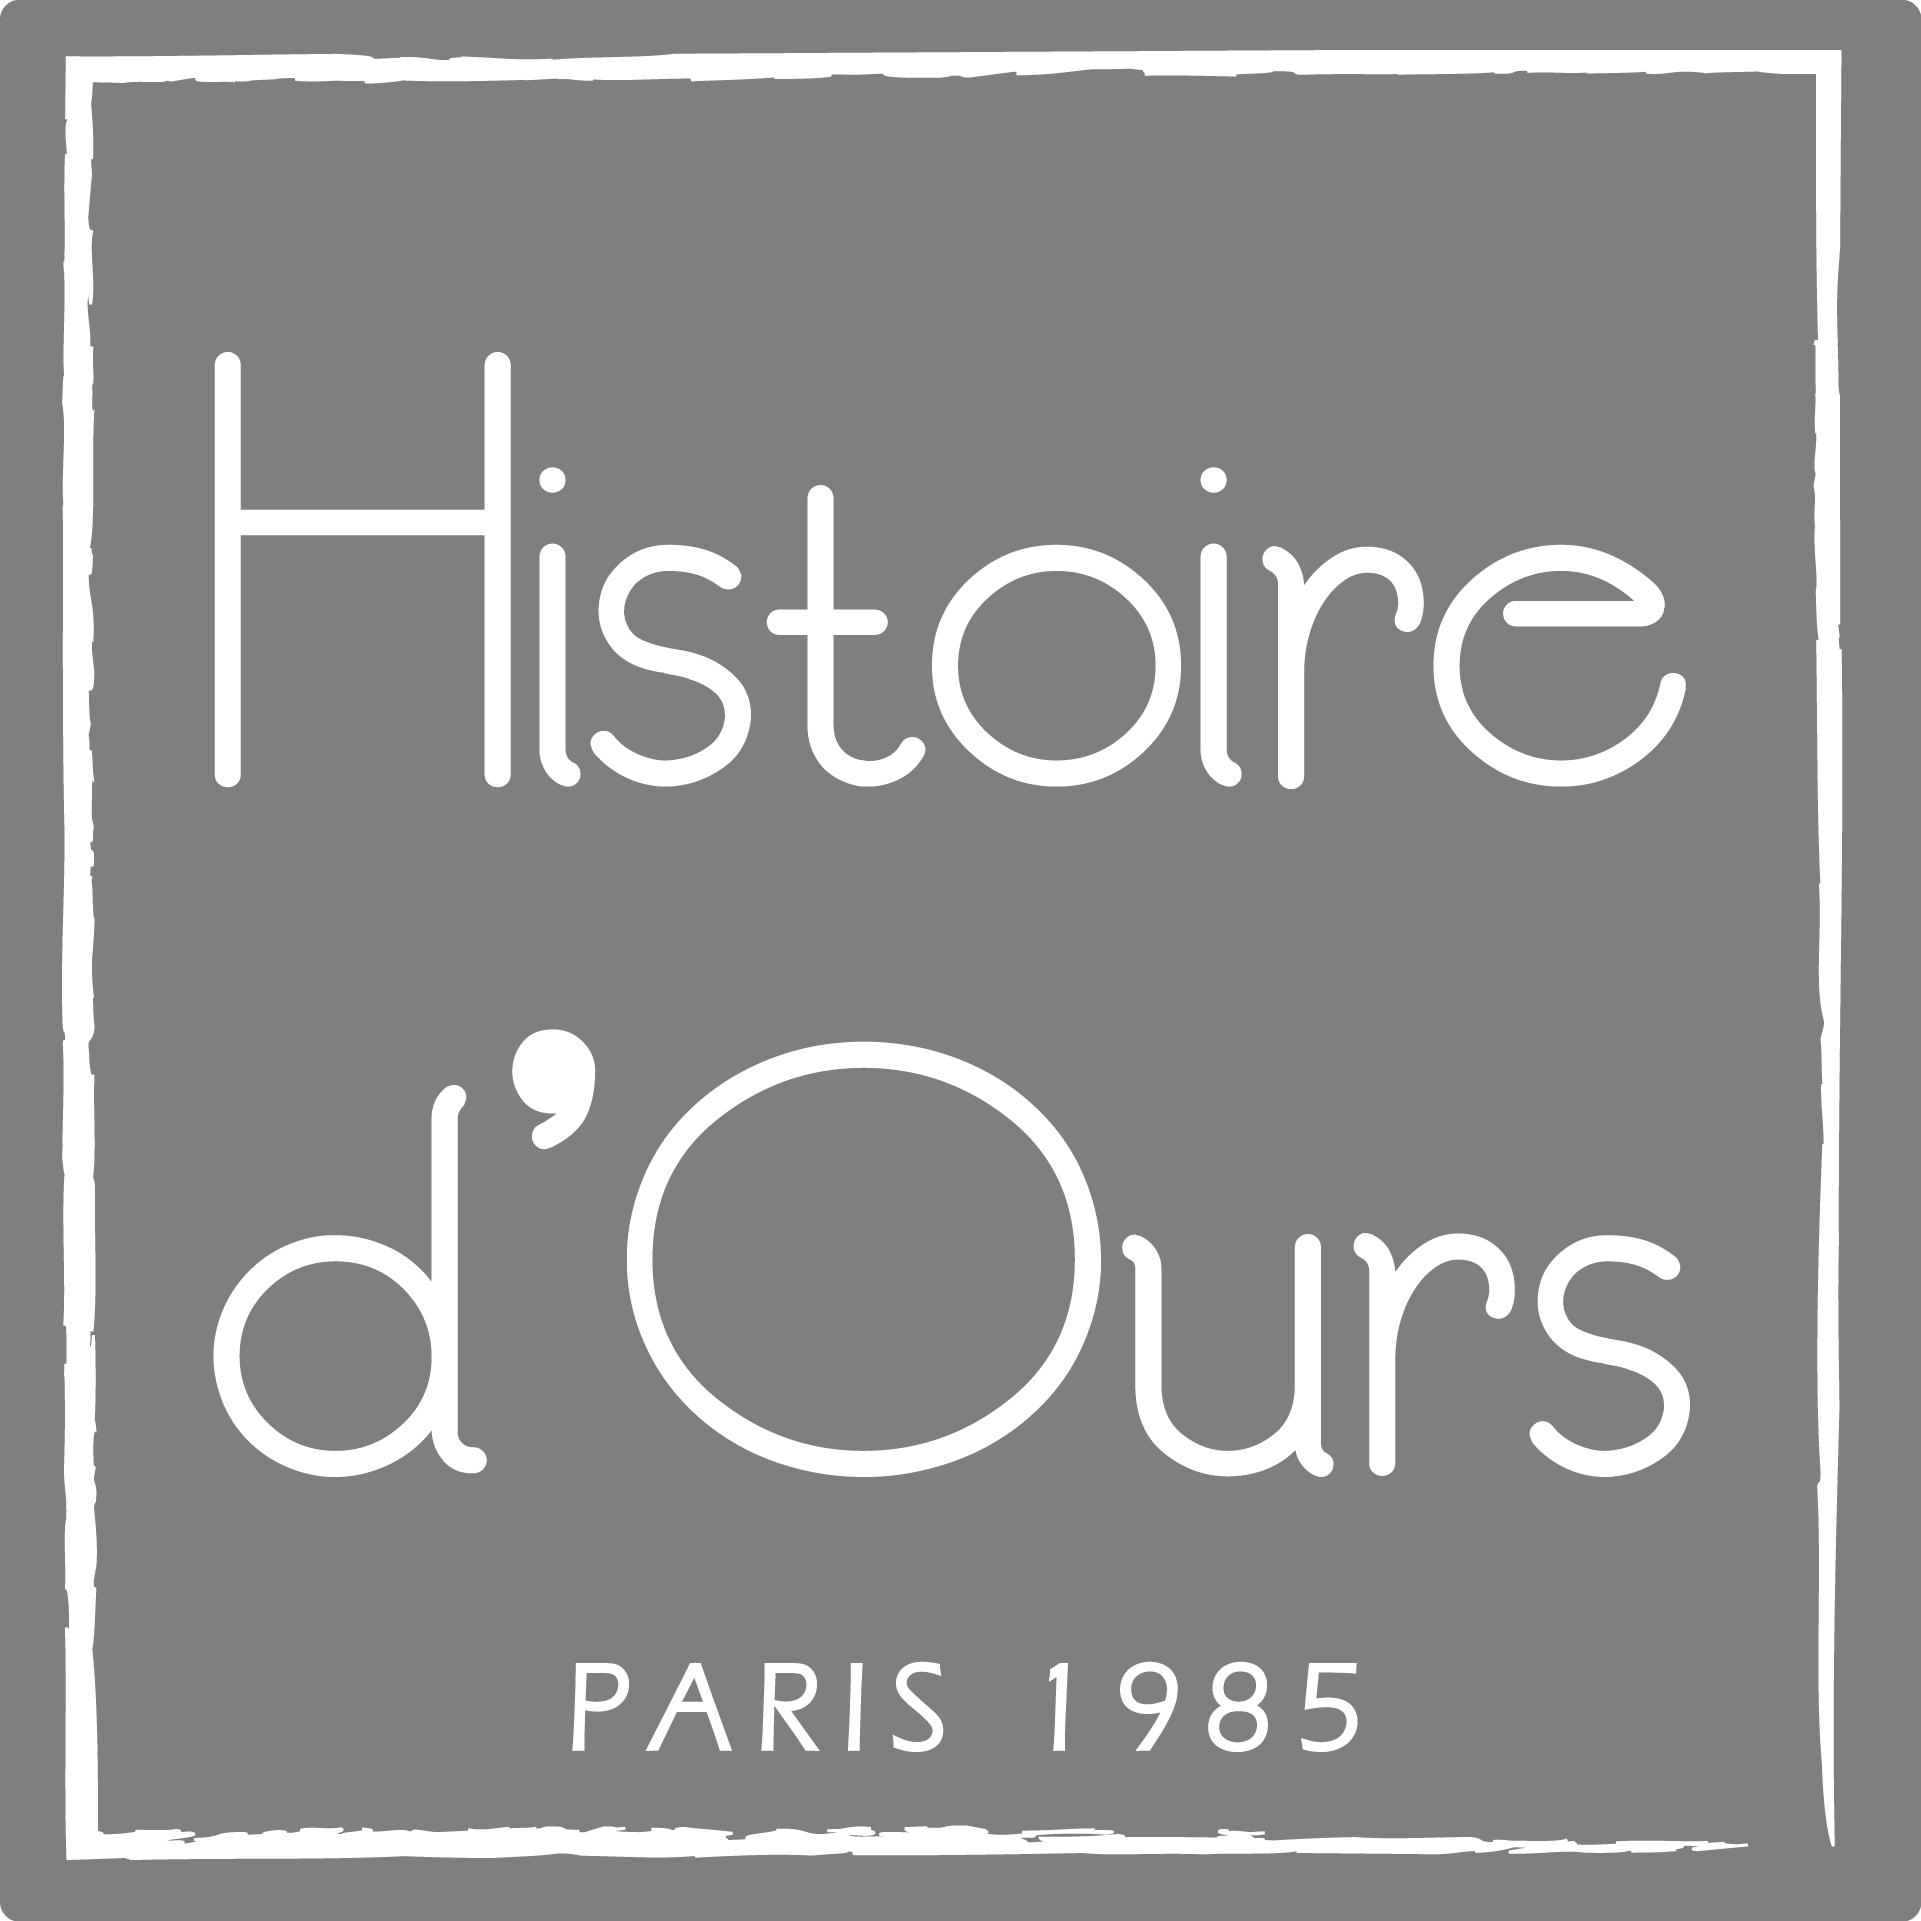 logo histoire d'ours